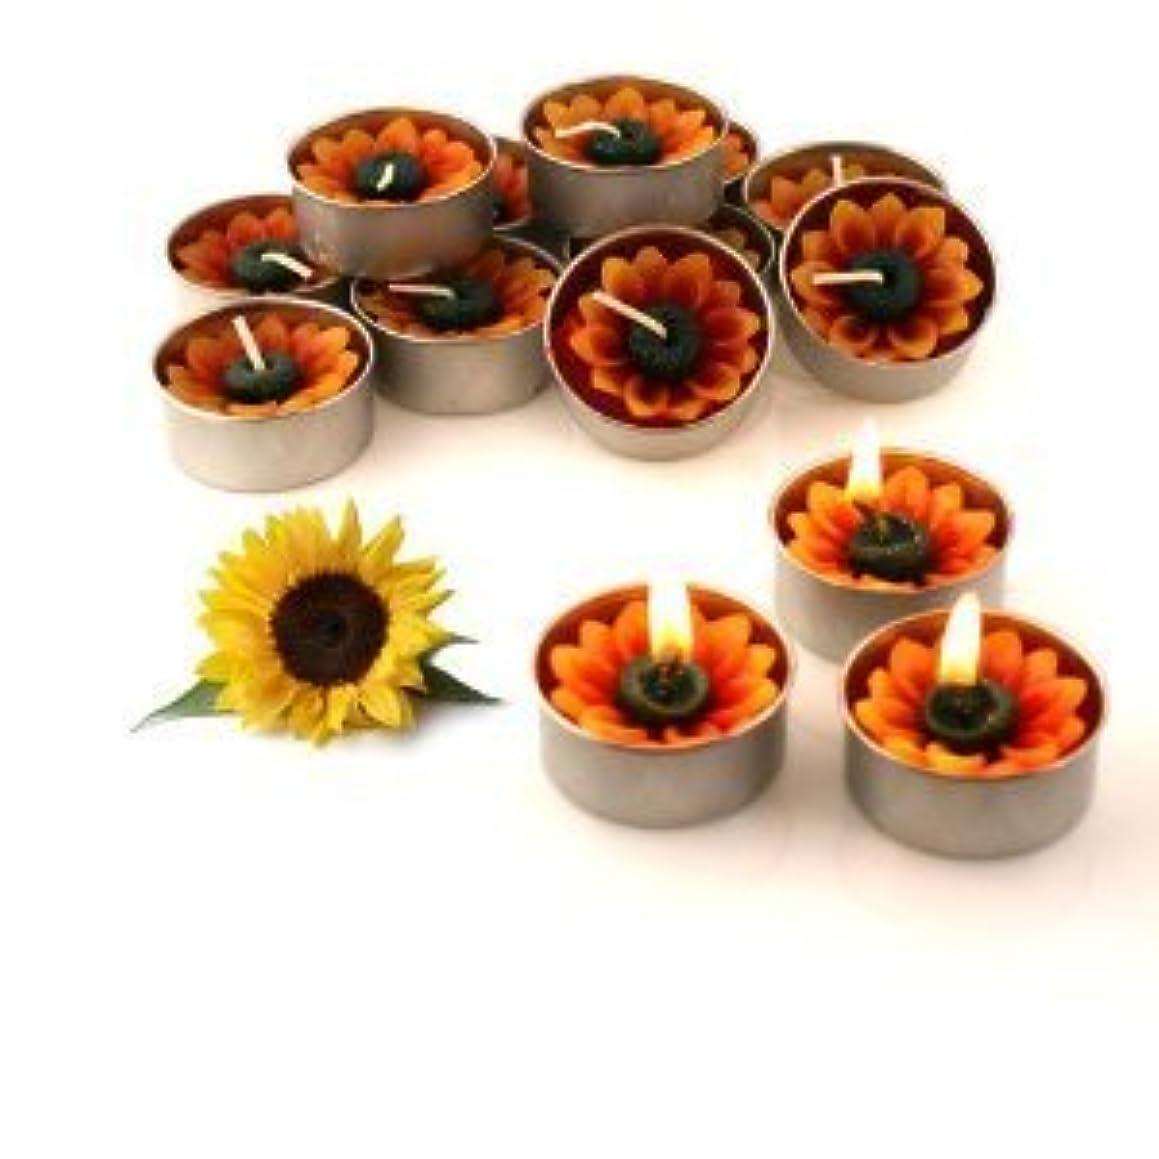 うぬぼれた公超えるRelax Spa Shop @ Sun Flower Candle in Tea Lights , Floating Candles, Scented Tea Lights ,Aromatherapy Relax (Sun...